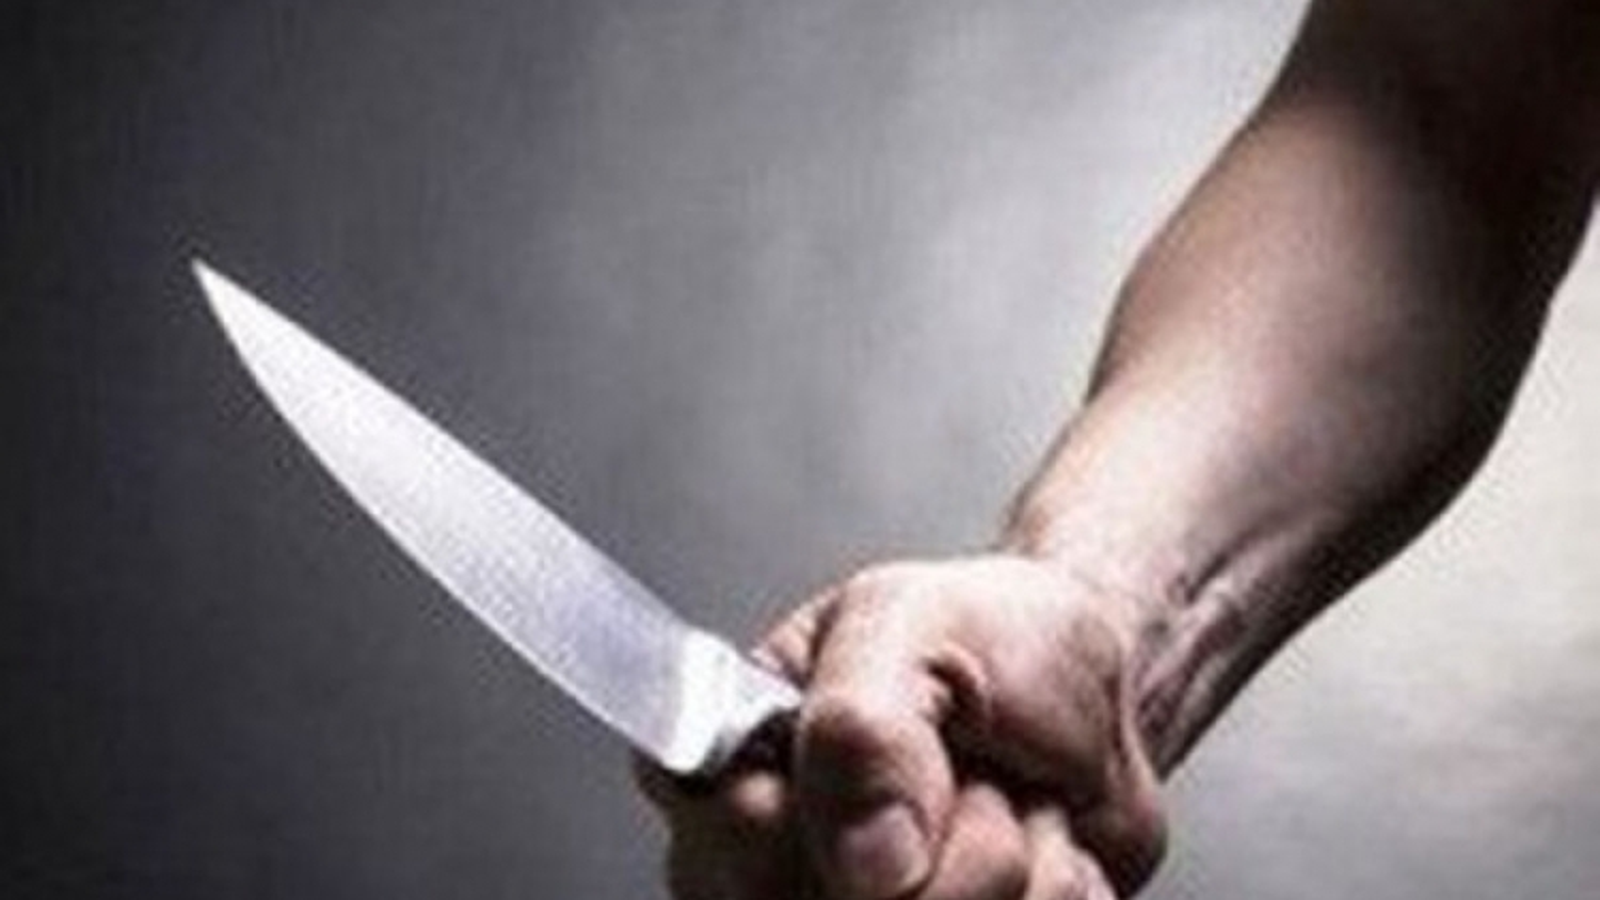 Bé gái 4 tuổi bị bác họ dùng dao sát hại